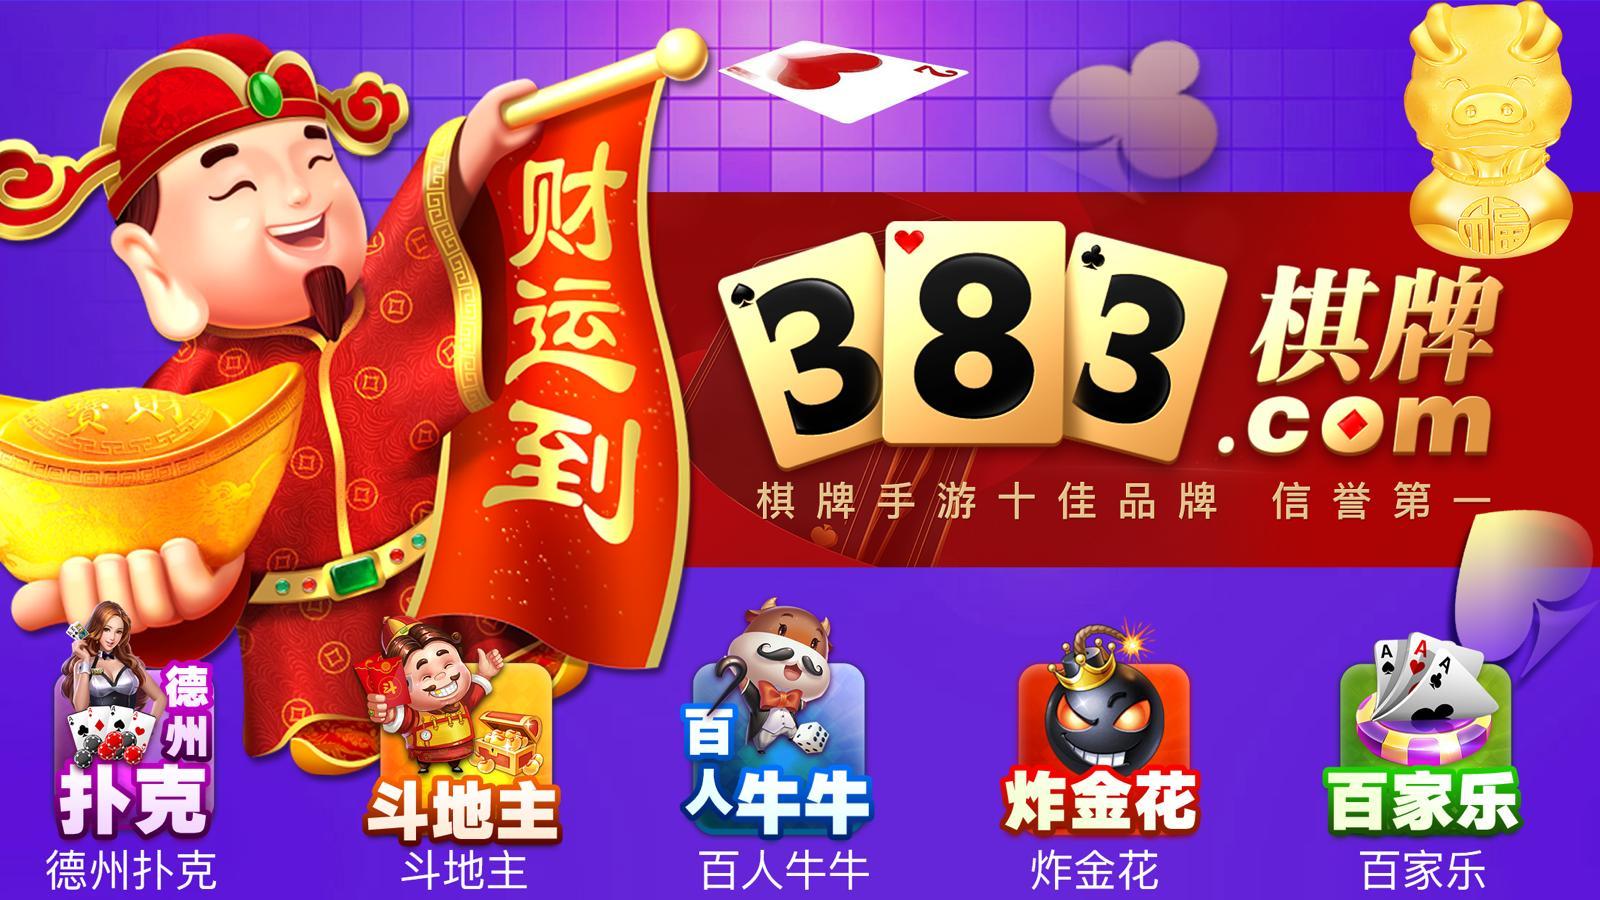 383网络棋牌